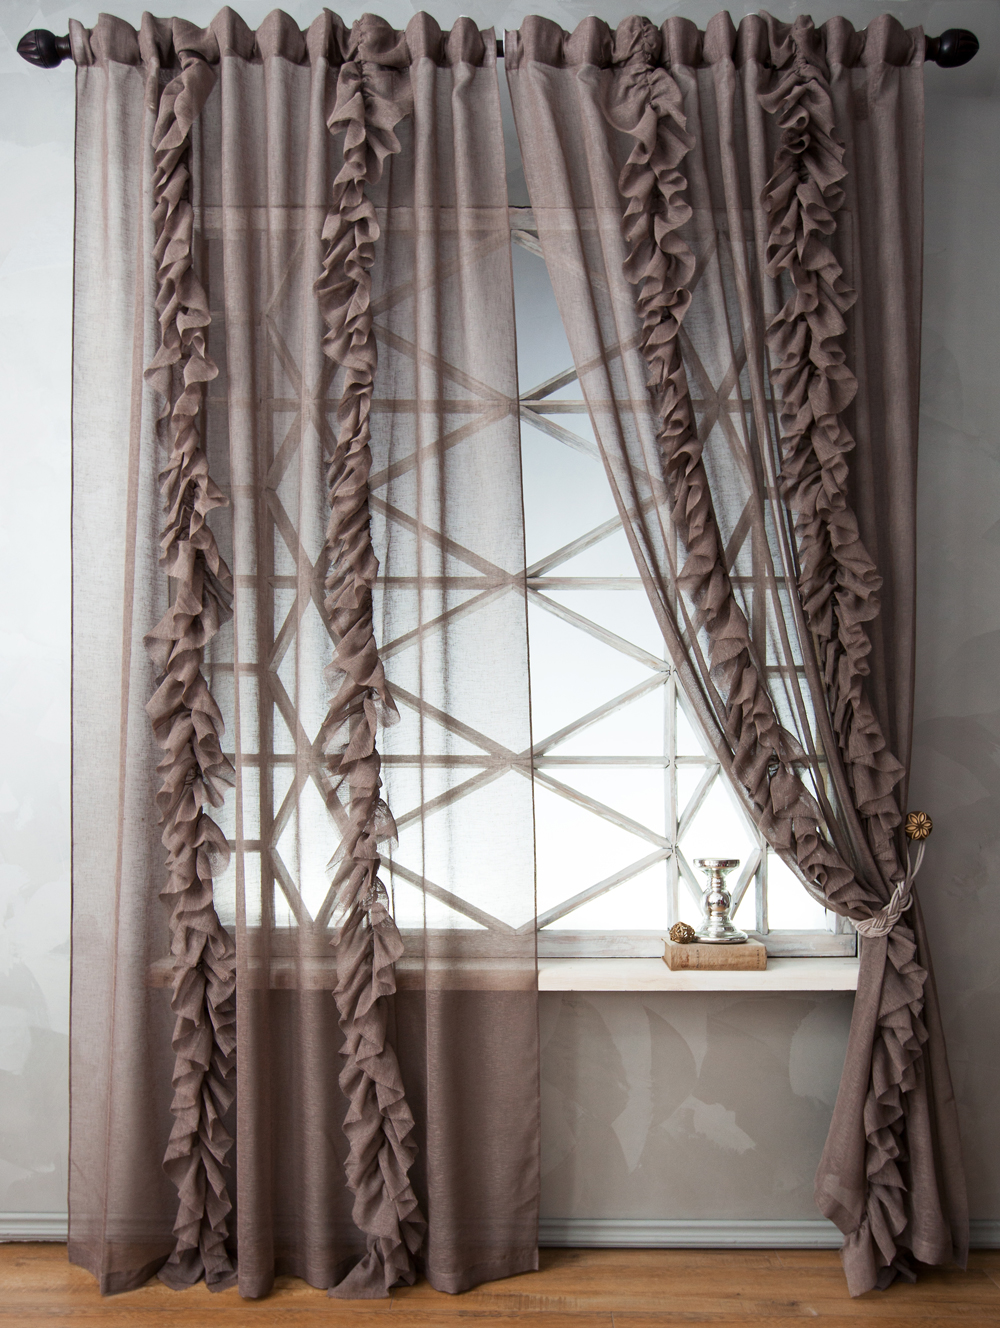 Шторы PASIONARIA Классические шторы Иви Цвет: Коричневый шторы tac классические шторы winx цвет персиковый 200x265 см